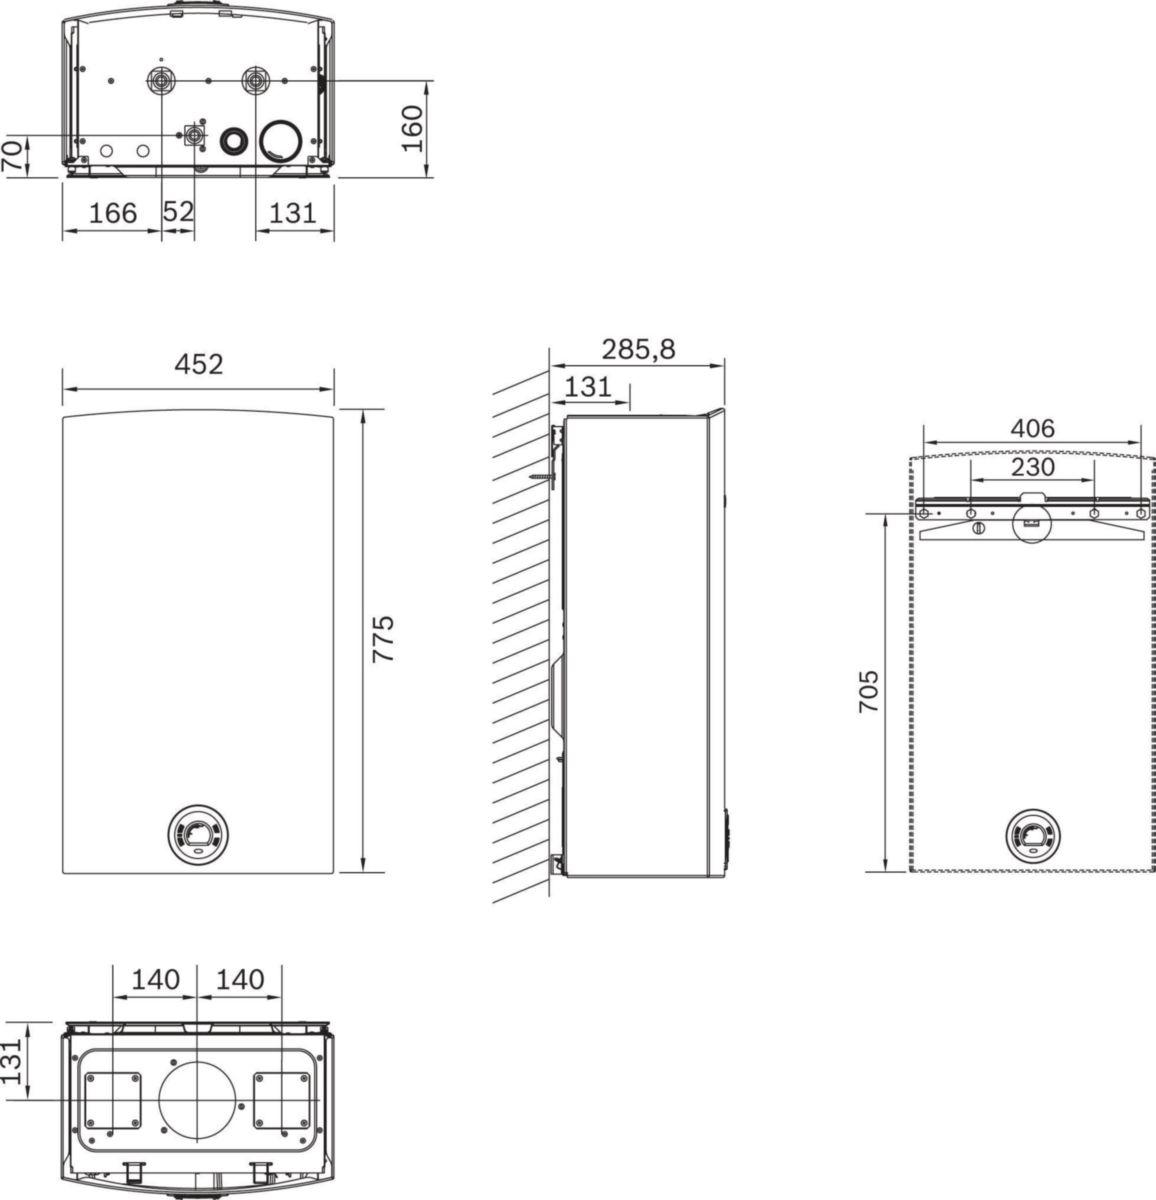 Chauffe eau Ondéa Hydrosmart Compact 12 L ventouse gaz butane Classe énergétique A réf. 7736502436